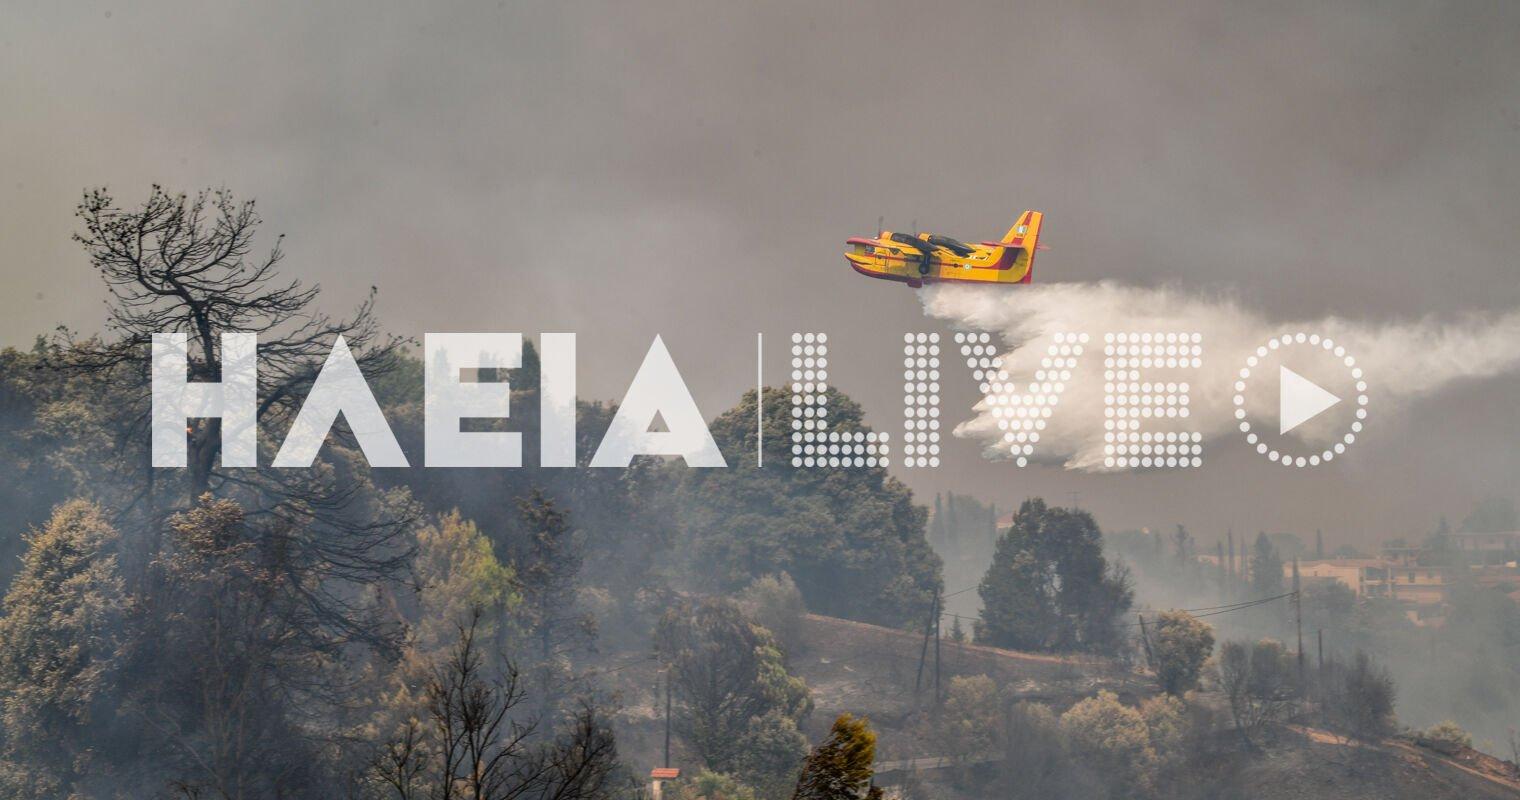 Φωτιά στην Ηλεία: Αναζωπυρώσεις στο πύρινο μέτωπο – Παραμένει η αγωνία για την Νεμούτα, δύσκολη κατάσταση στο Βασιλάκι